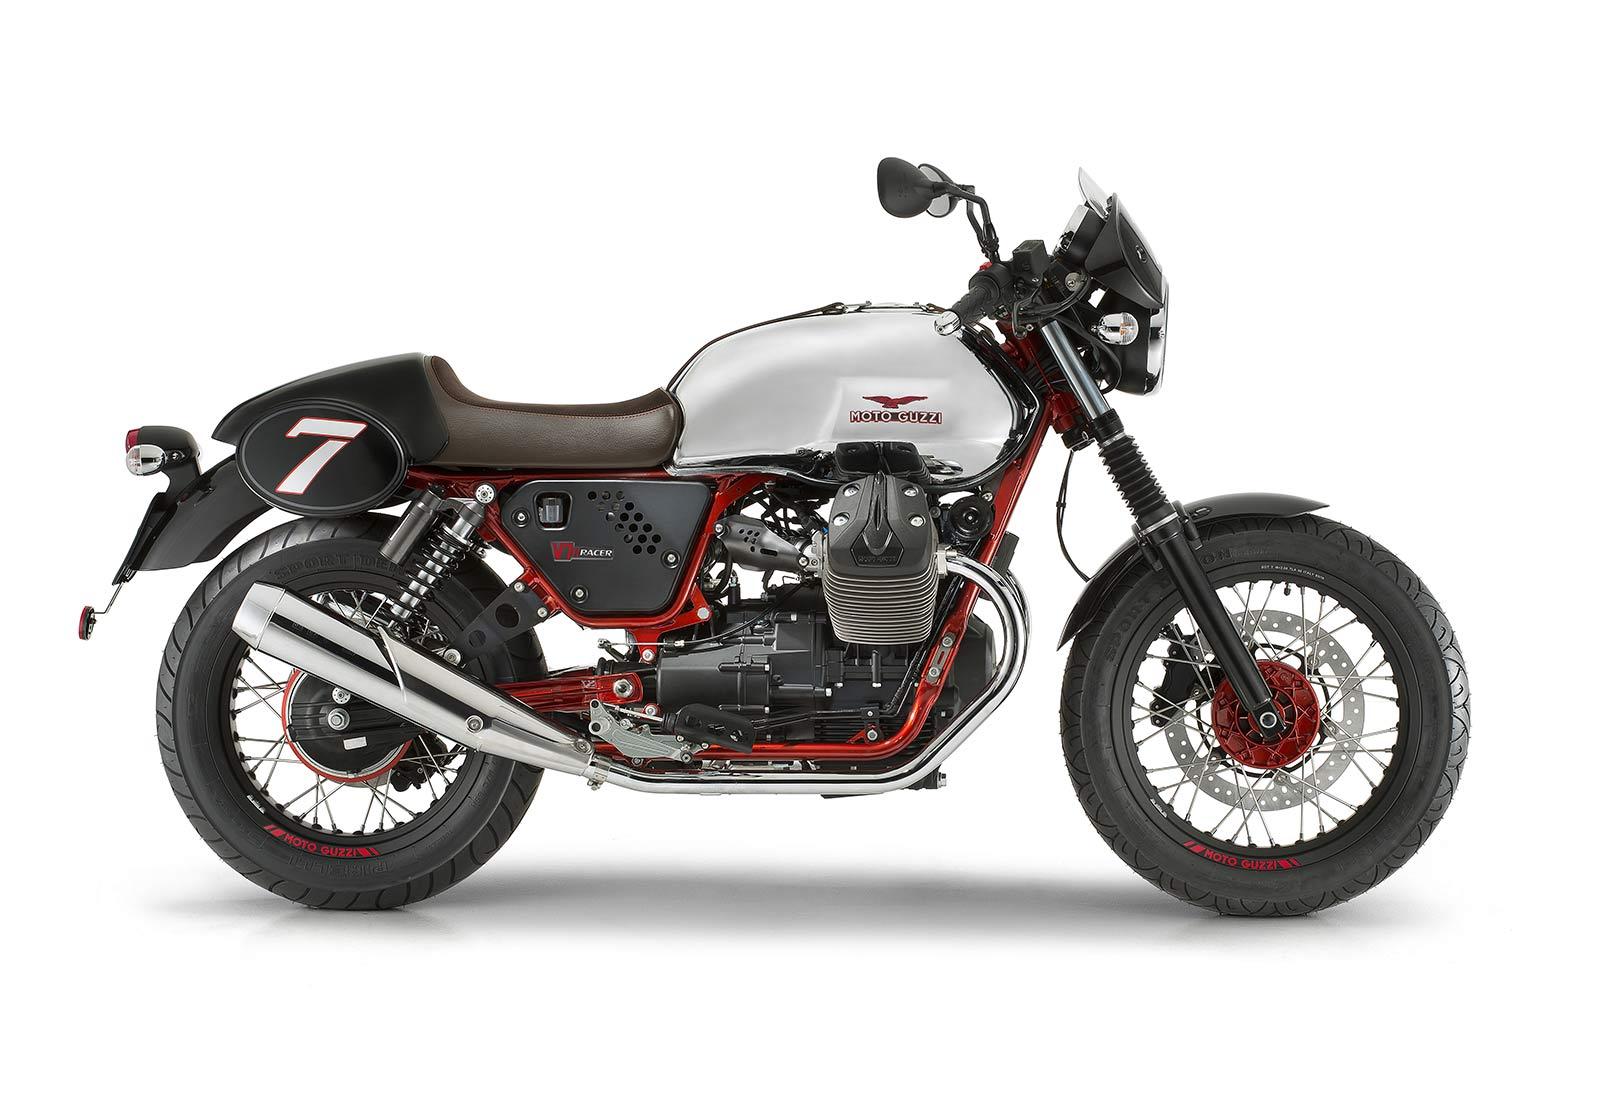 Moto Guzzi V7 Racer credit Moto Guzzi